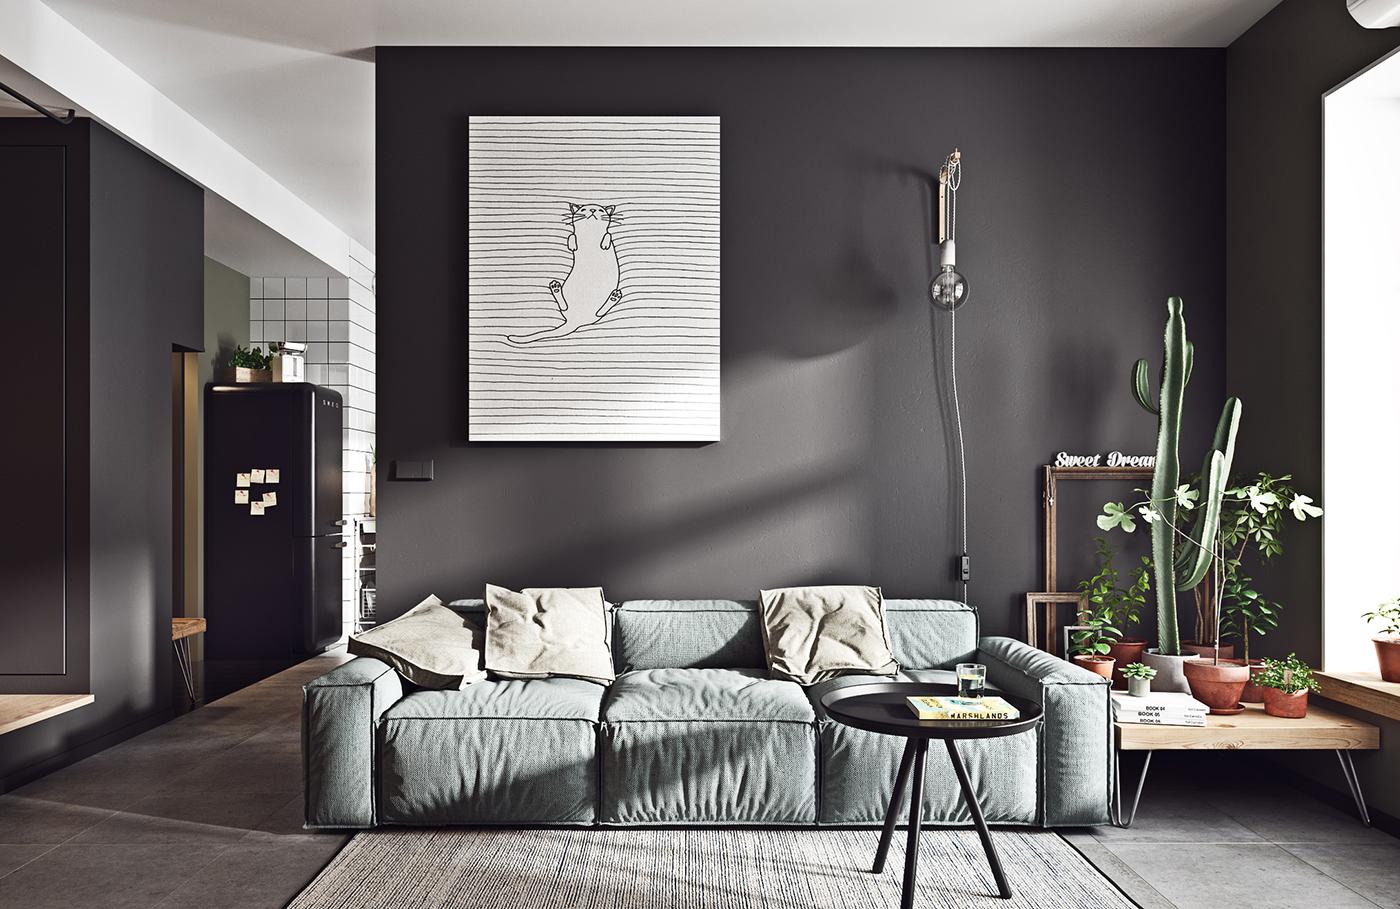 klein-appartement-uit-china-ingericht-met-een-stoere-scandinavische-interieurstijl